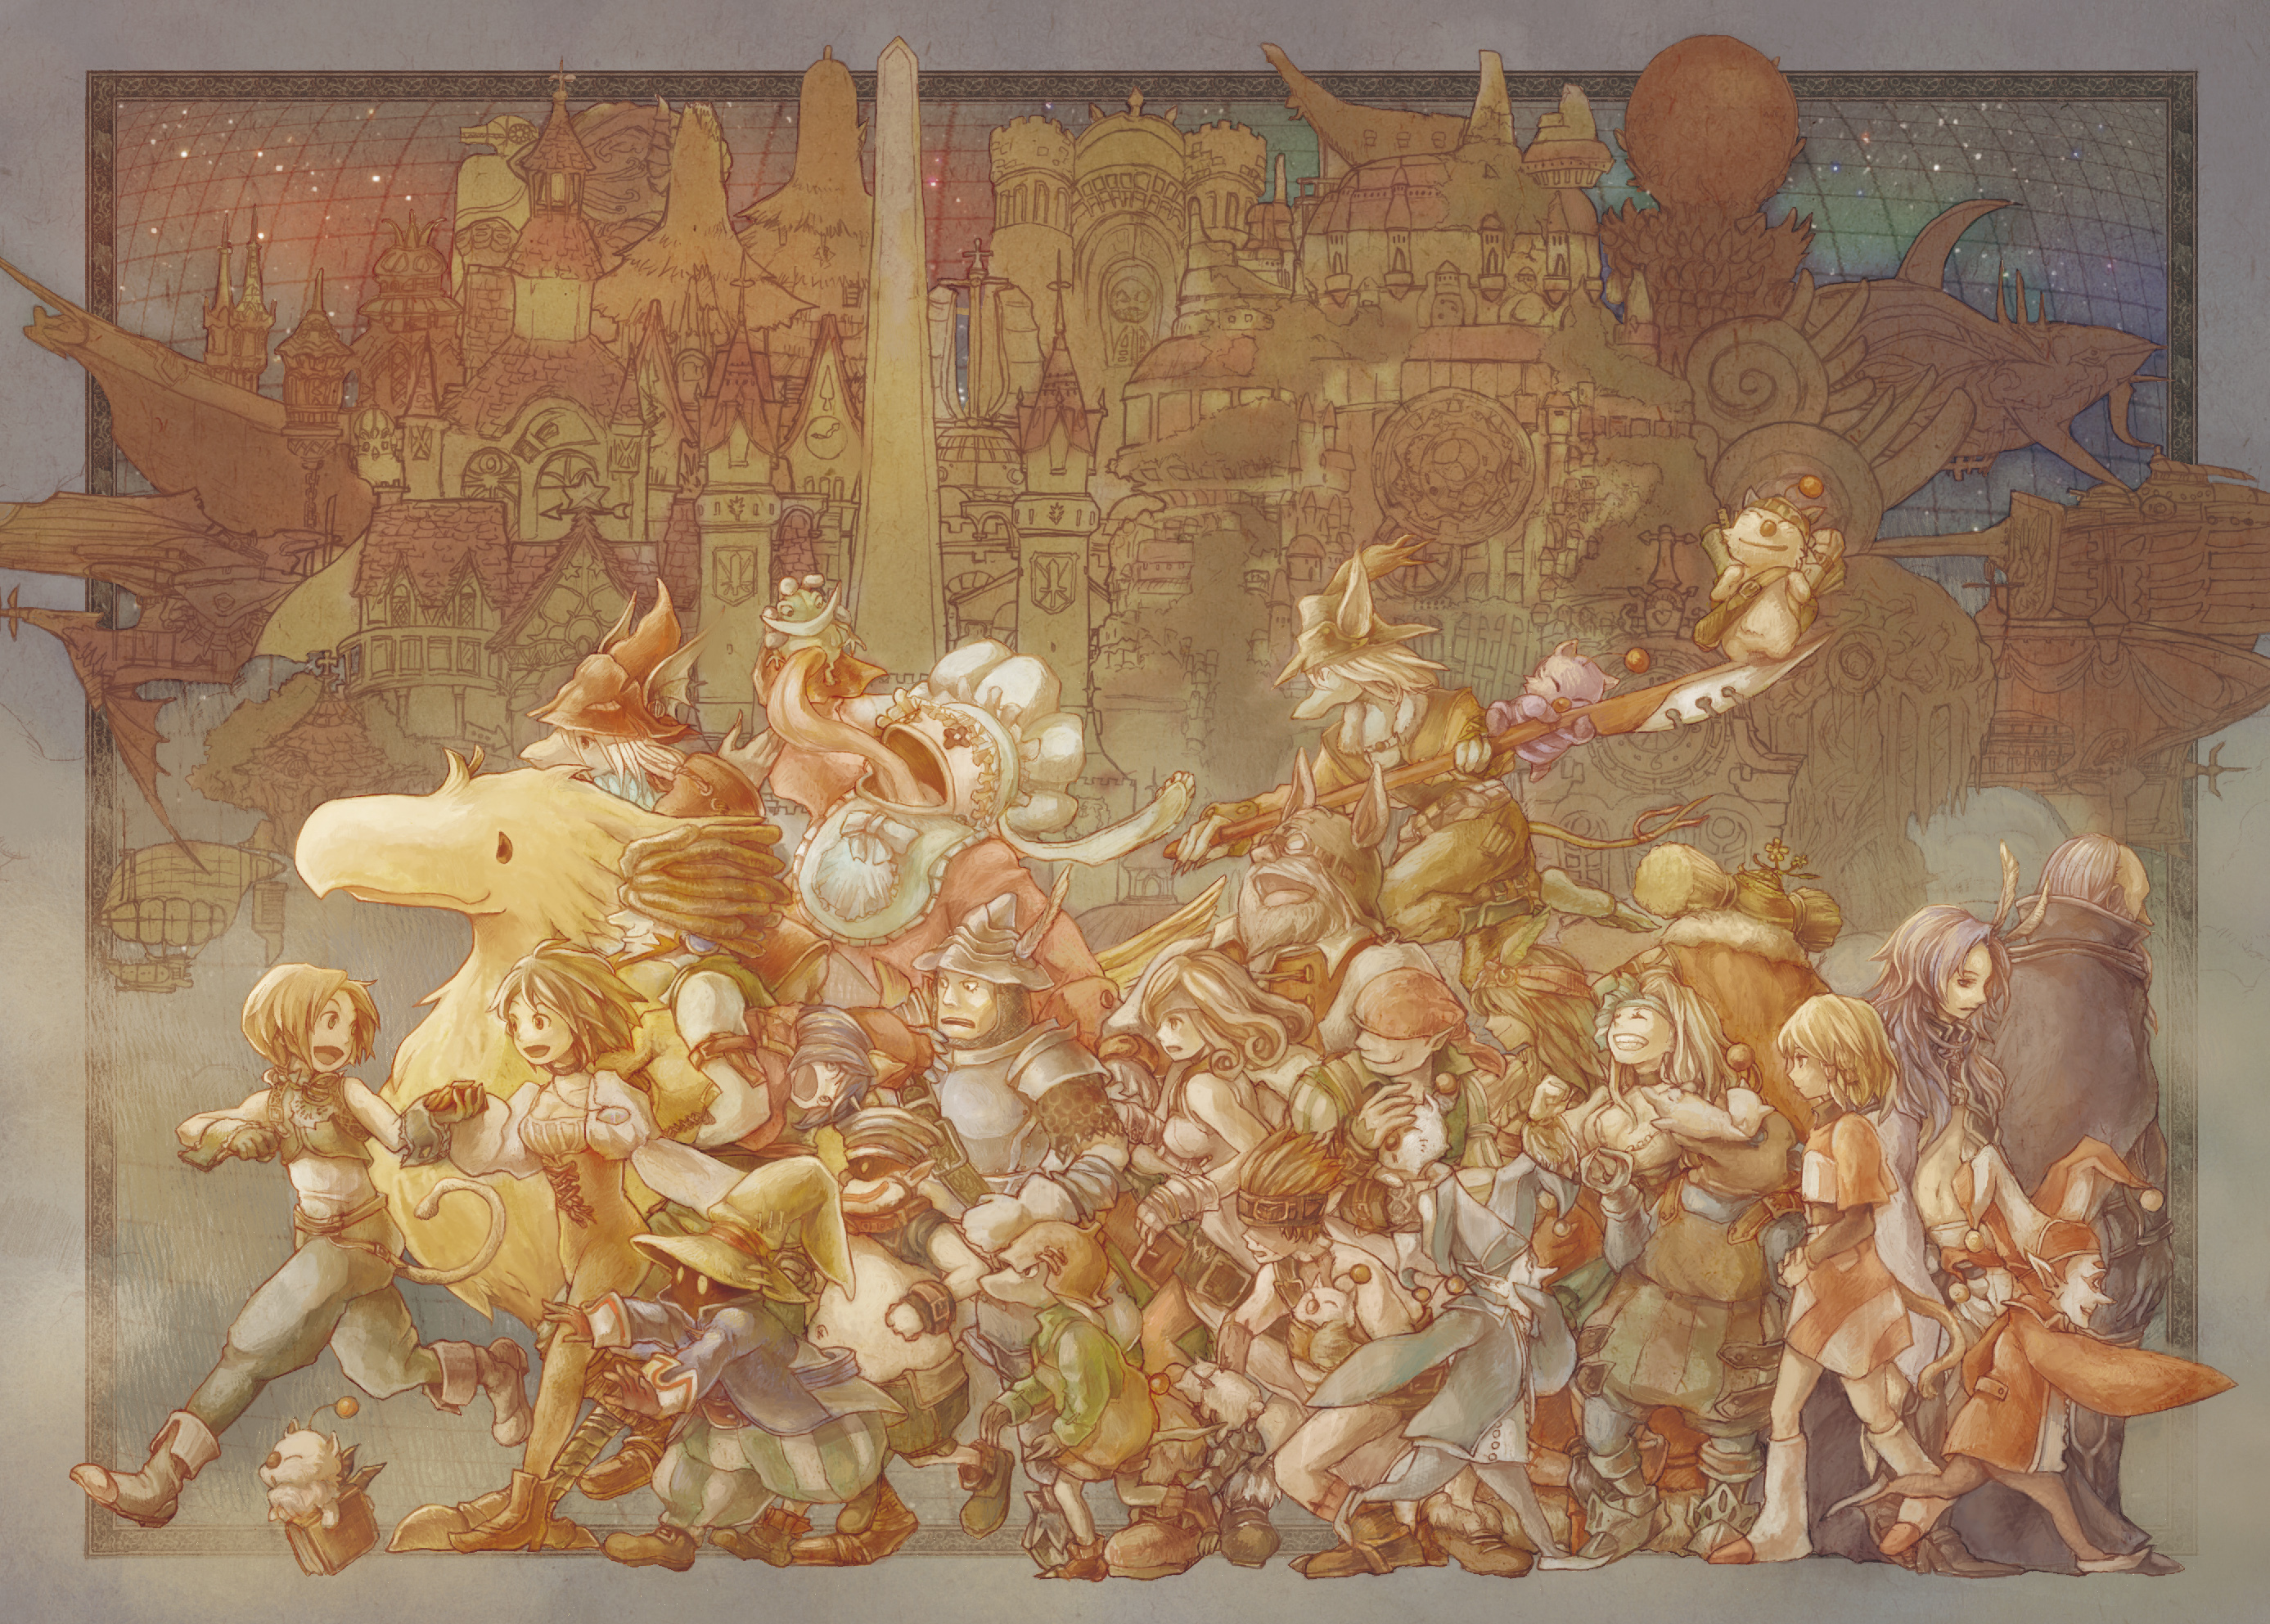 Download 9500 Koleksi Ffix Wallpaper Full Hd Gratis